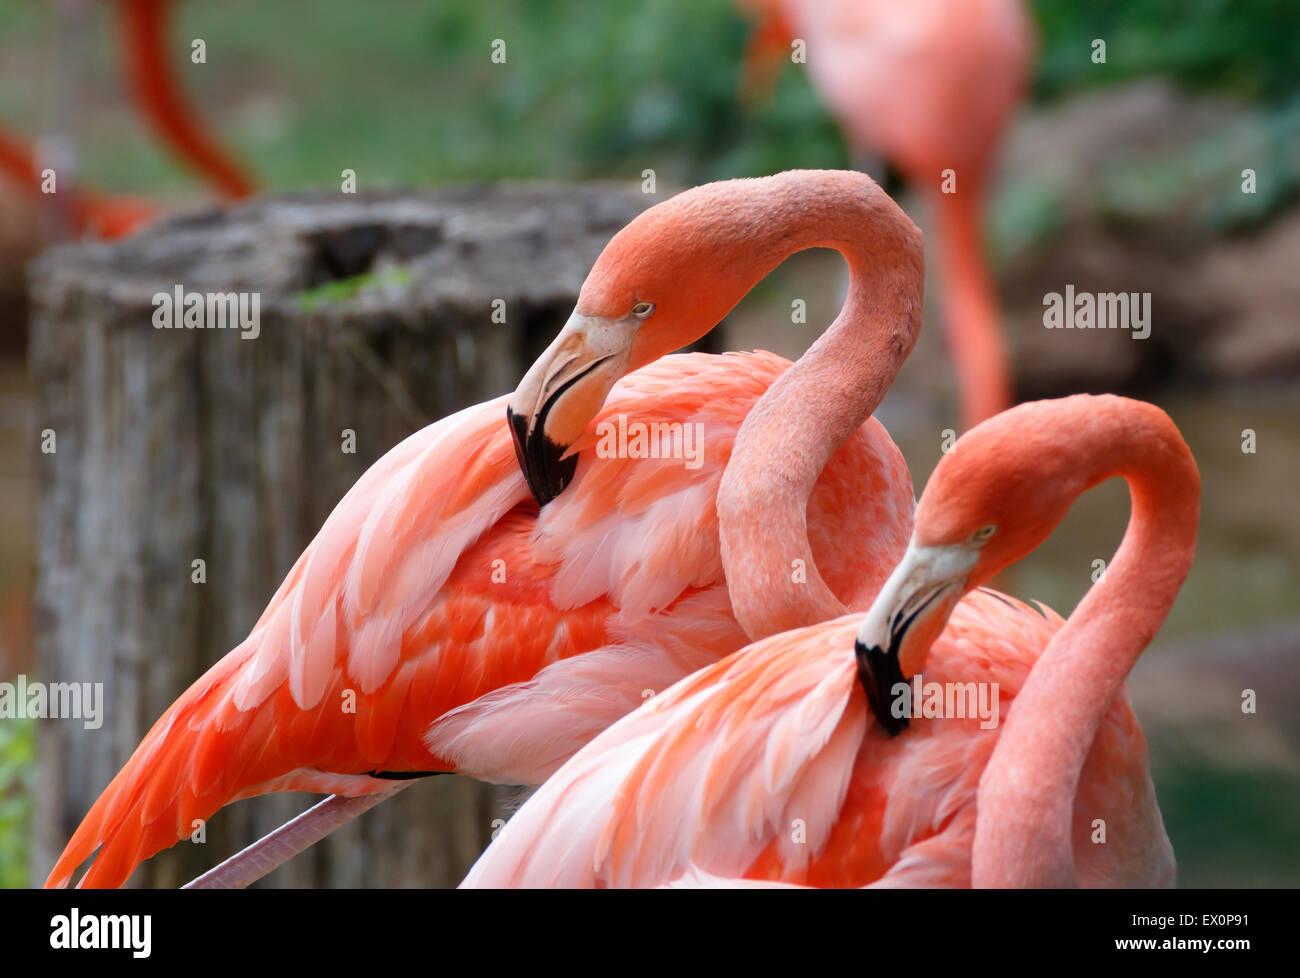 Due fenicotteri speculari in un zoo. Immagini Stock